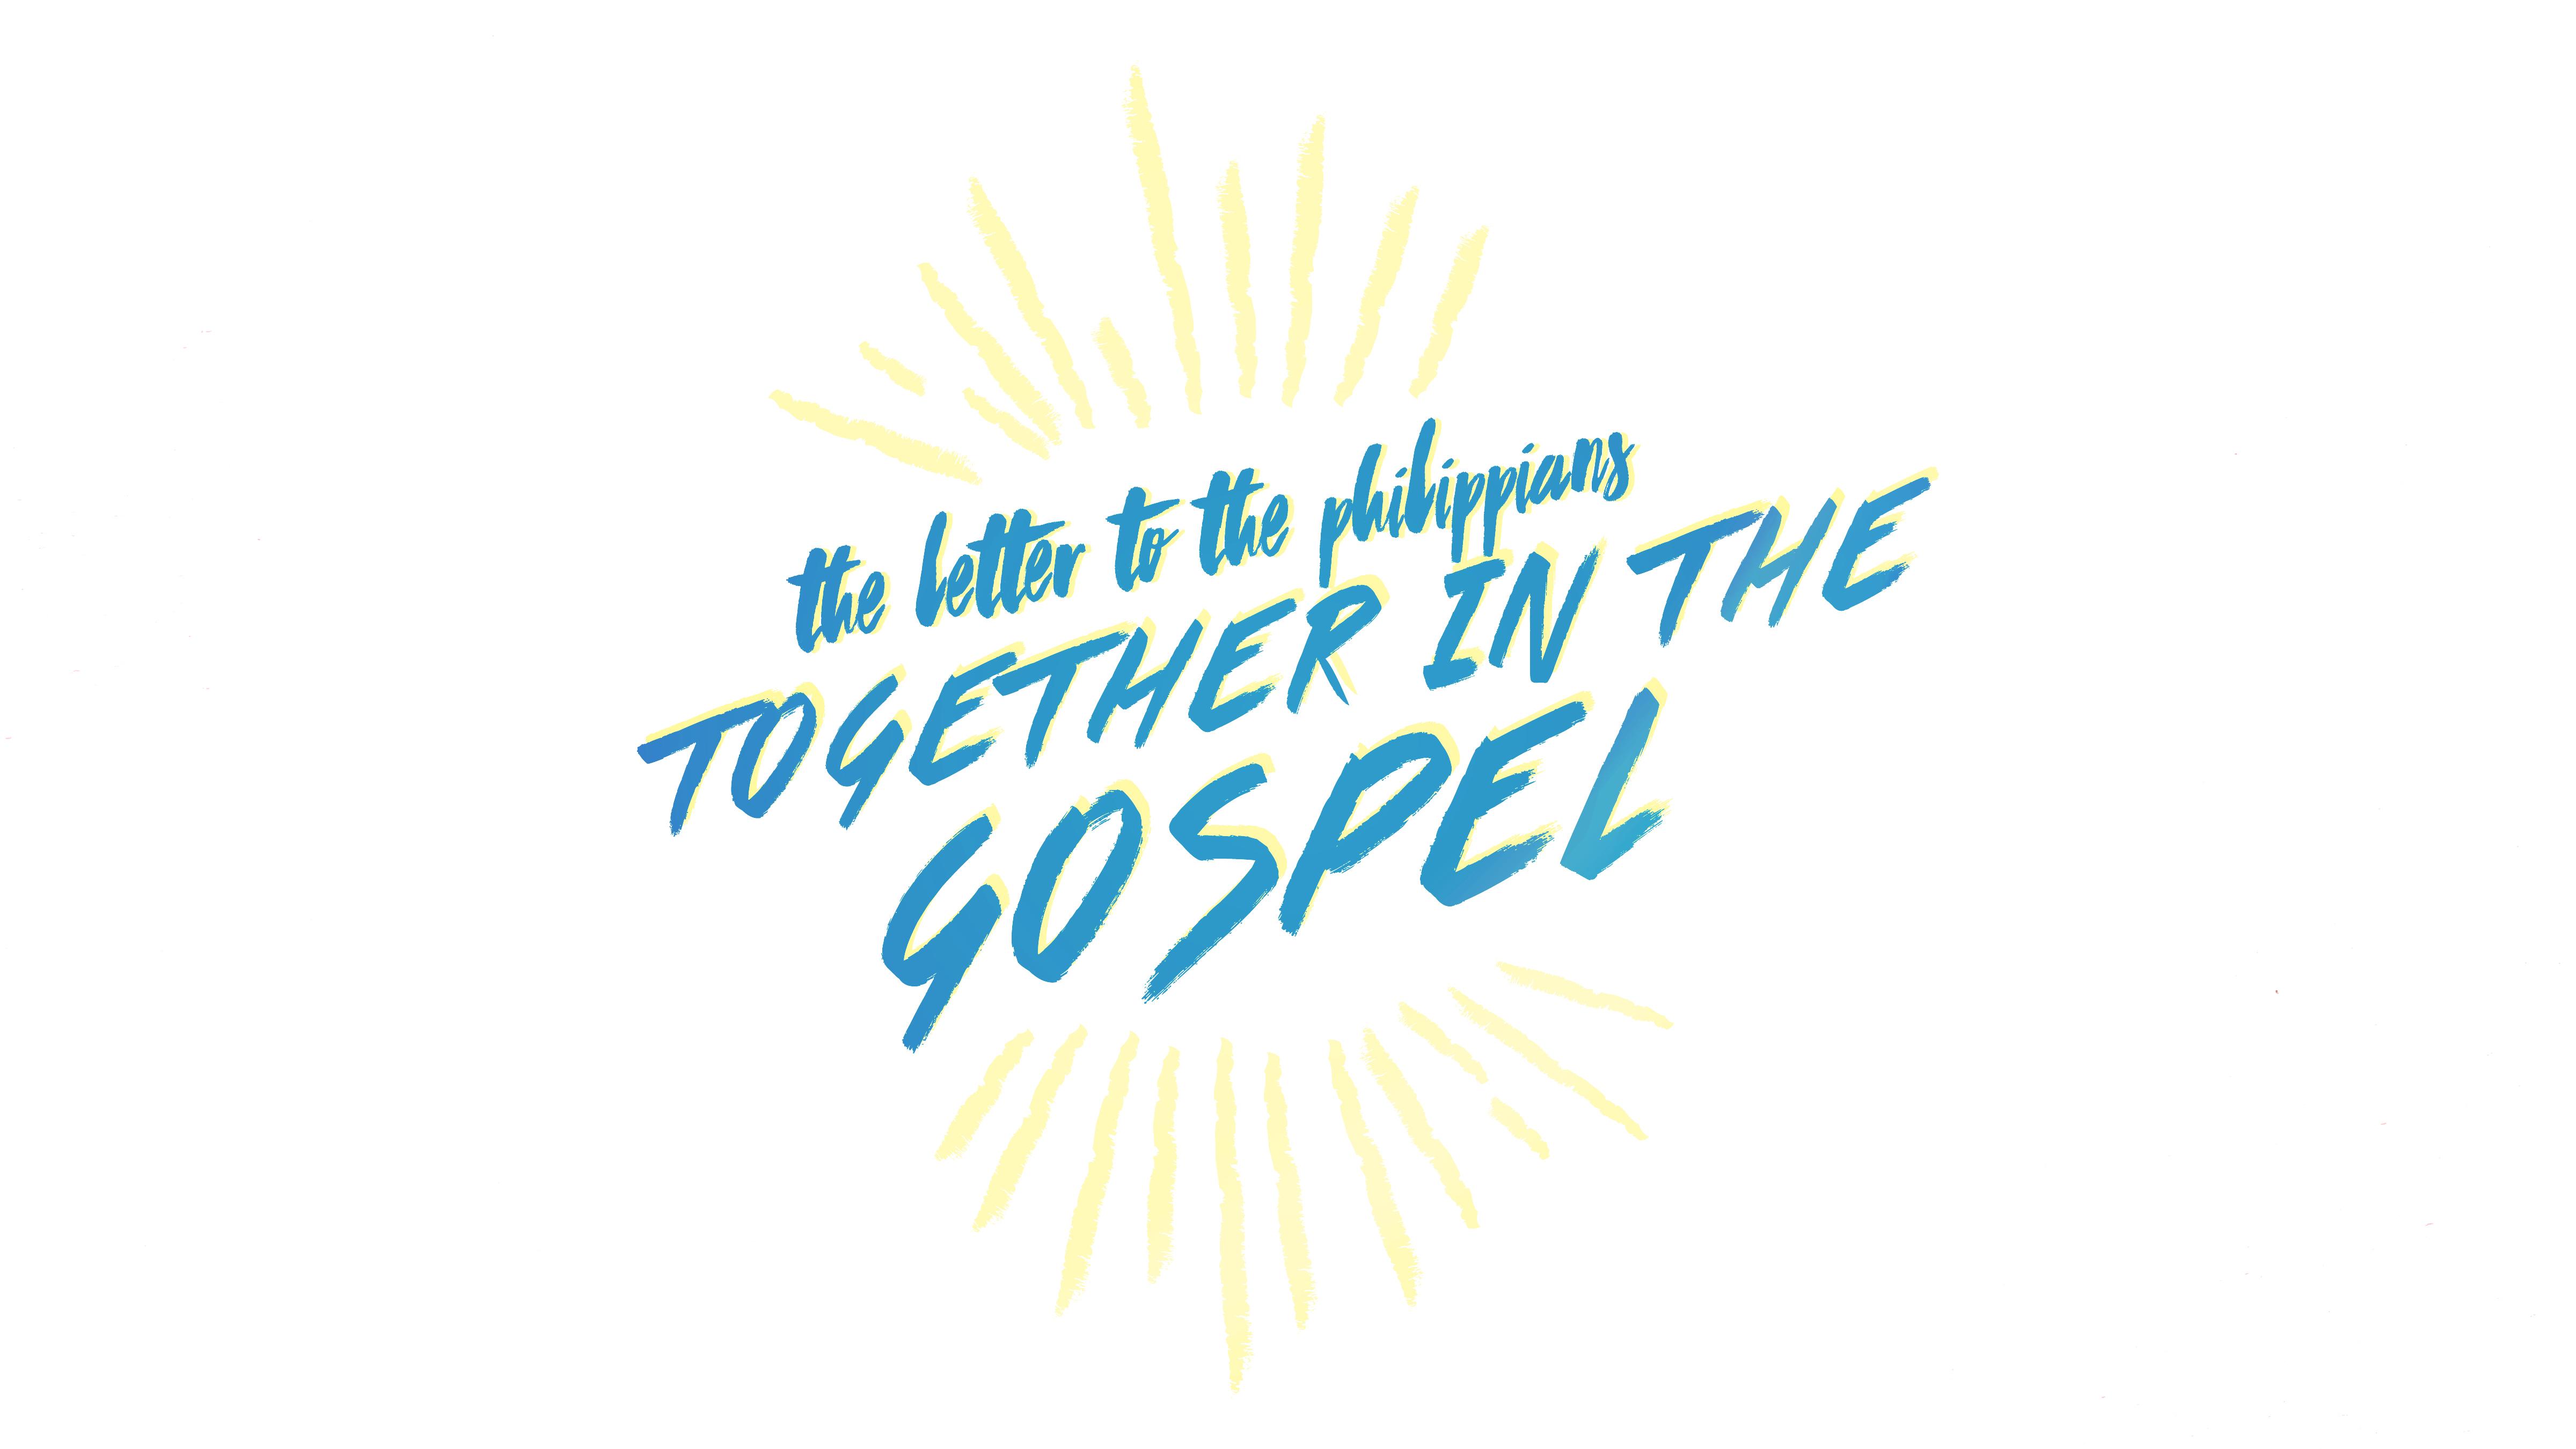 Philippians 1:3-8